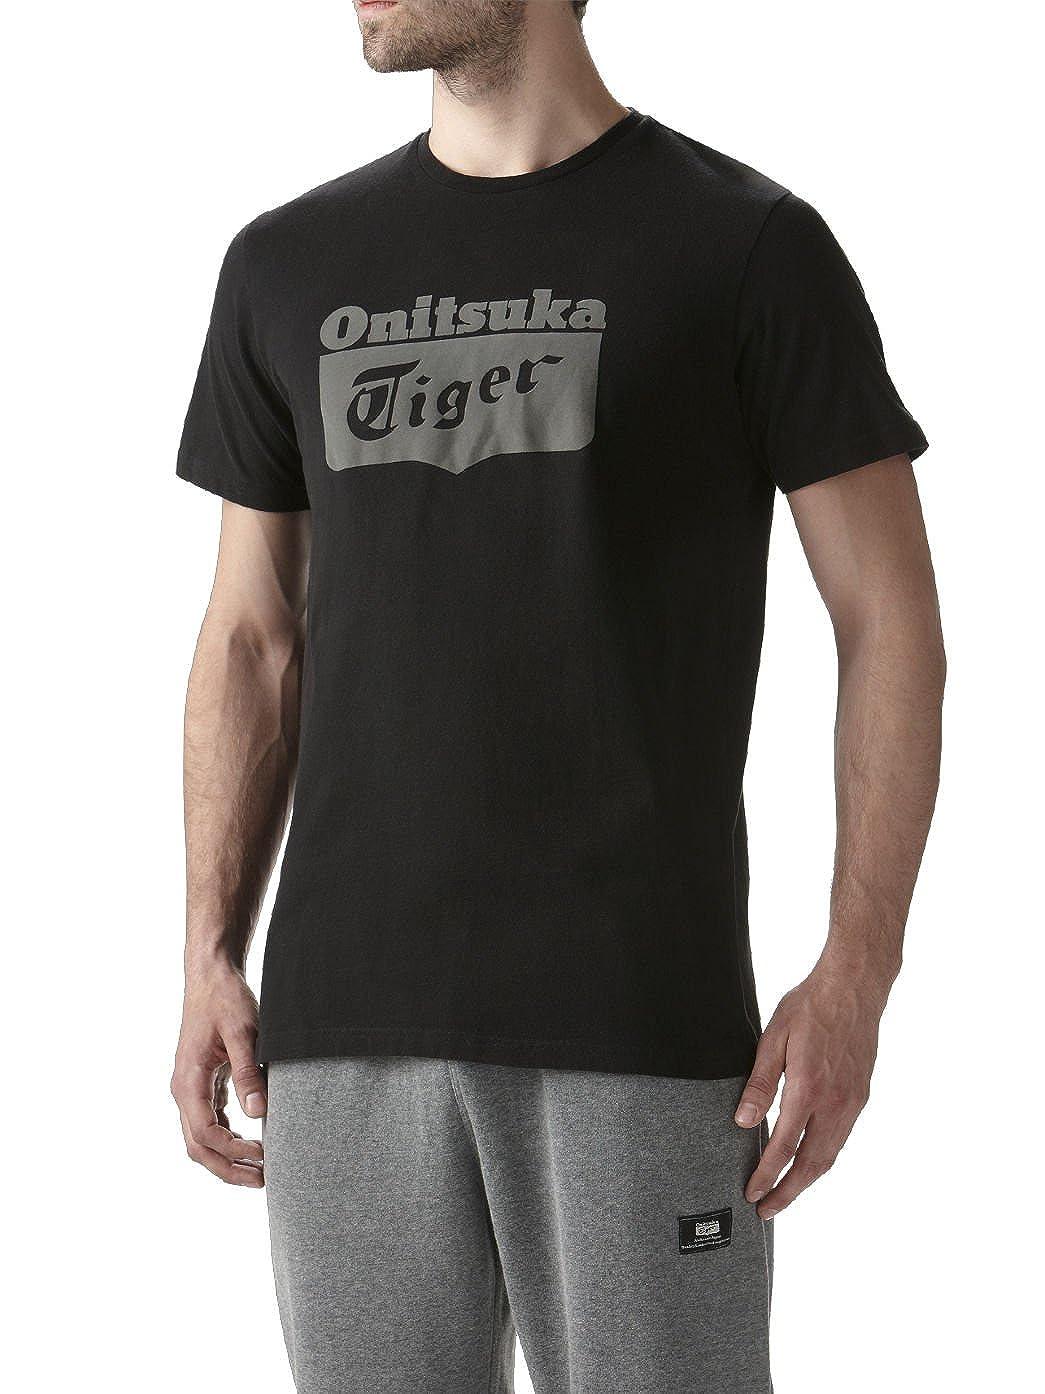 Onitsuka Tiger SS Logo Tee T Shirt Biking Red